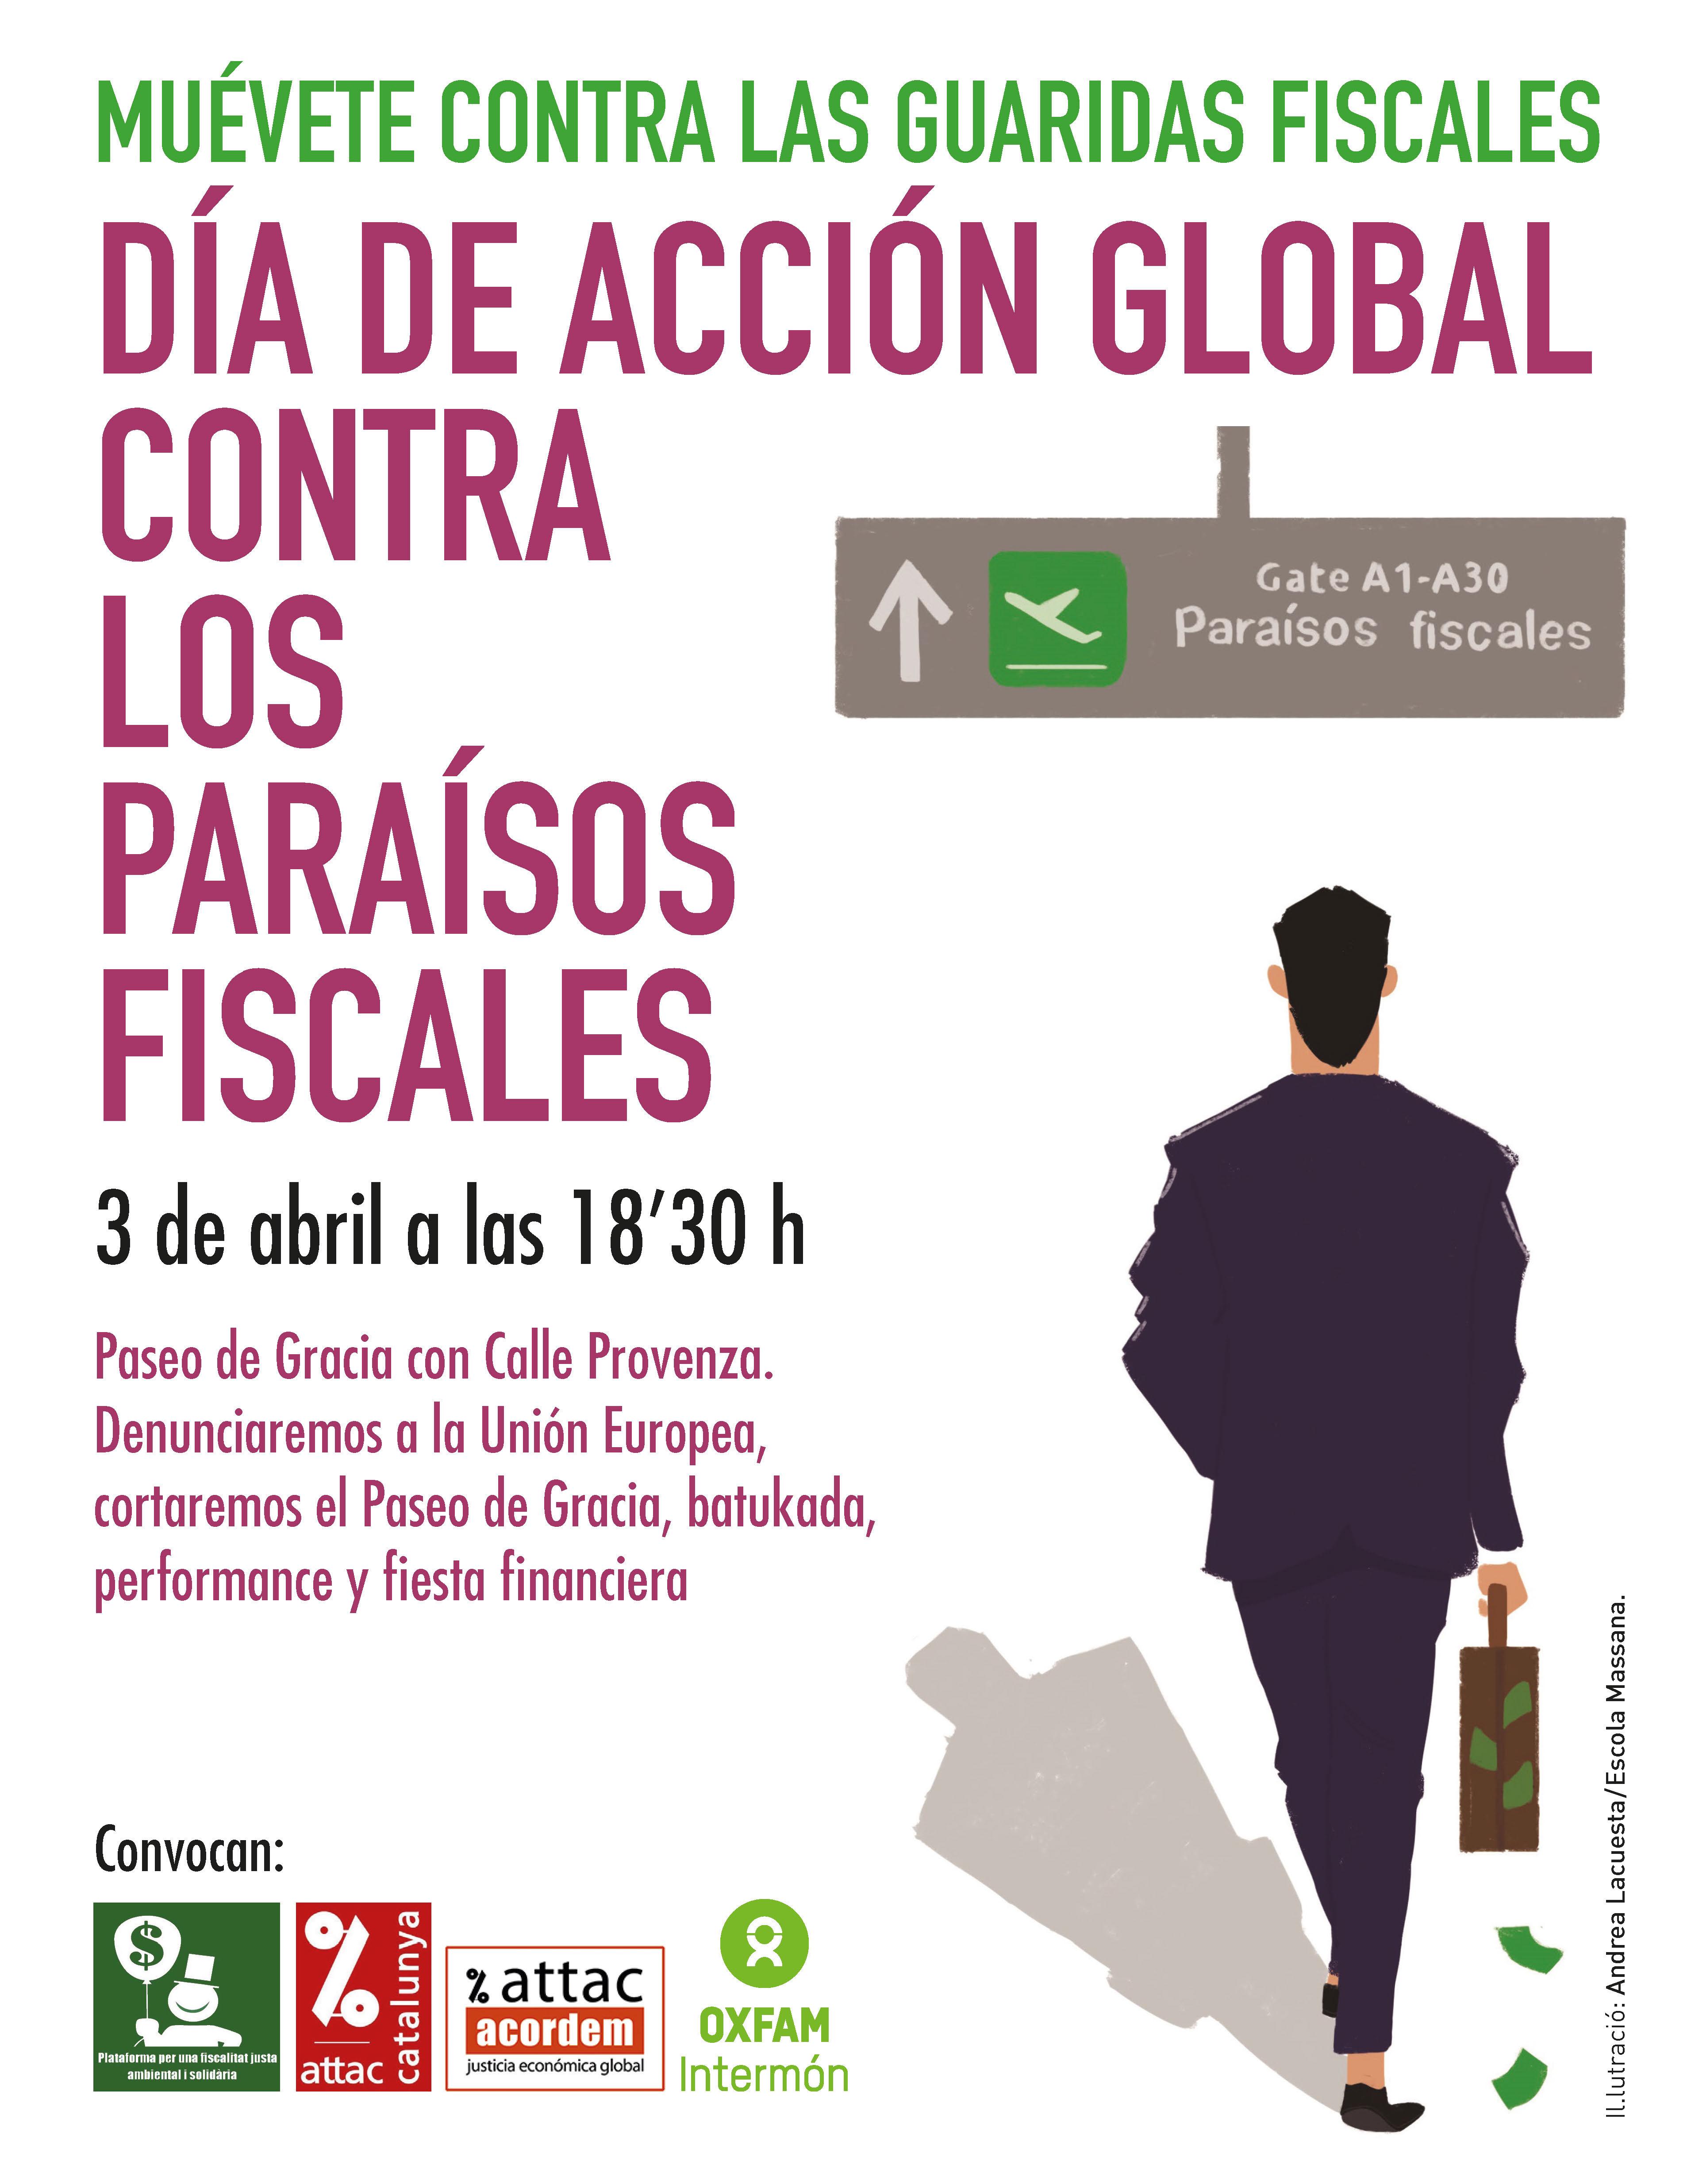 Día de acción global contra los paraísos fiscales